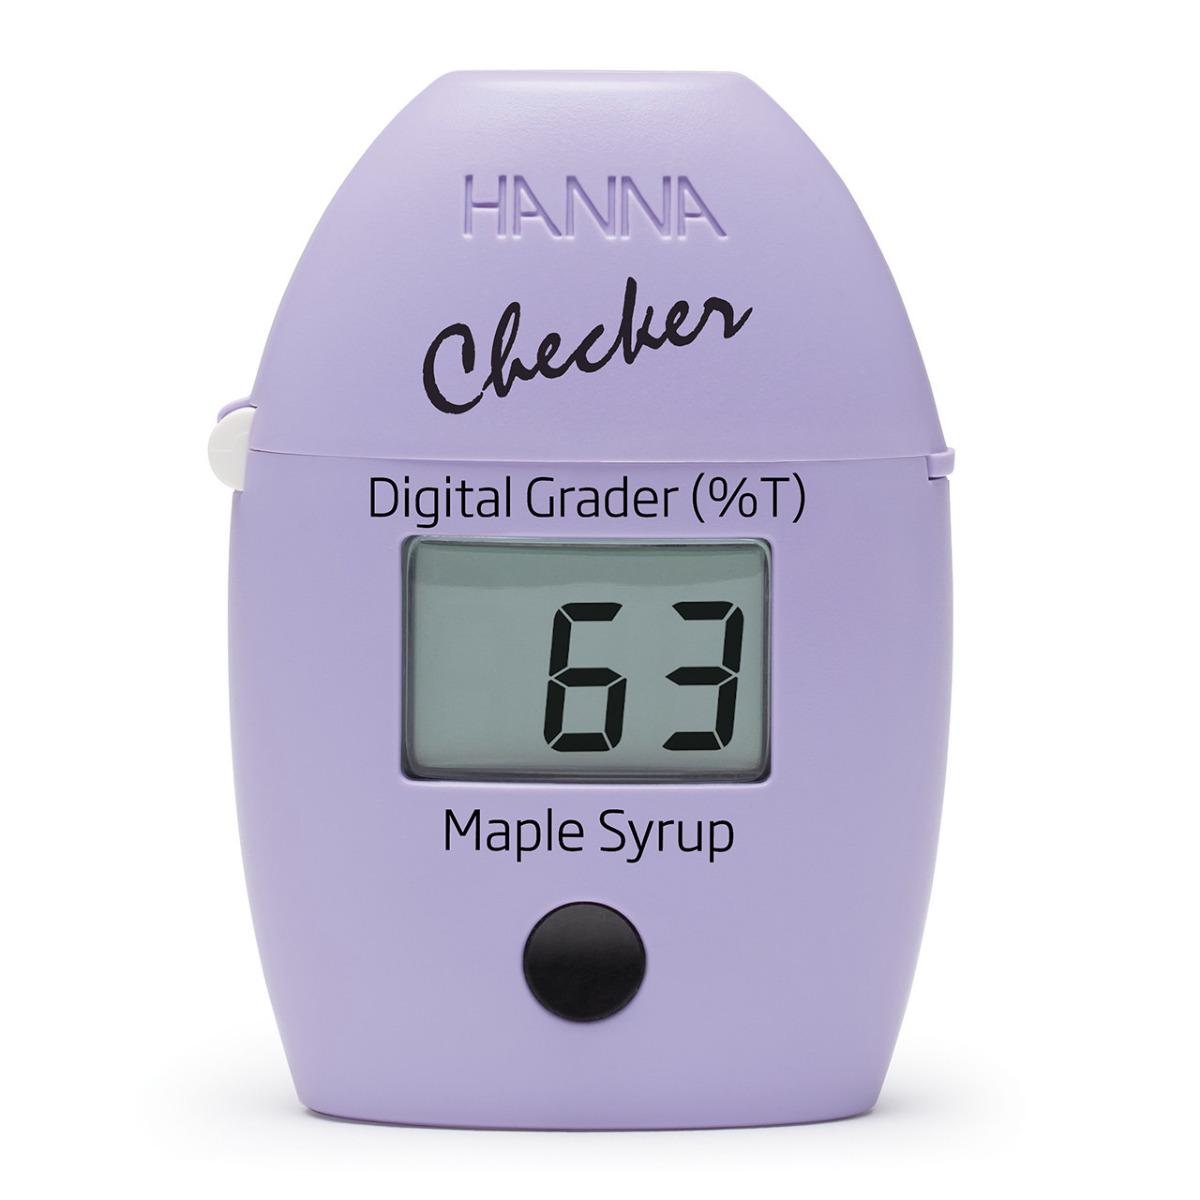 Maple Syrup Digital Grader - HI759